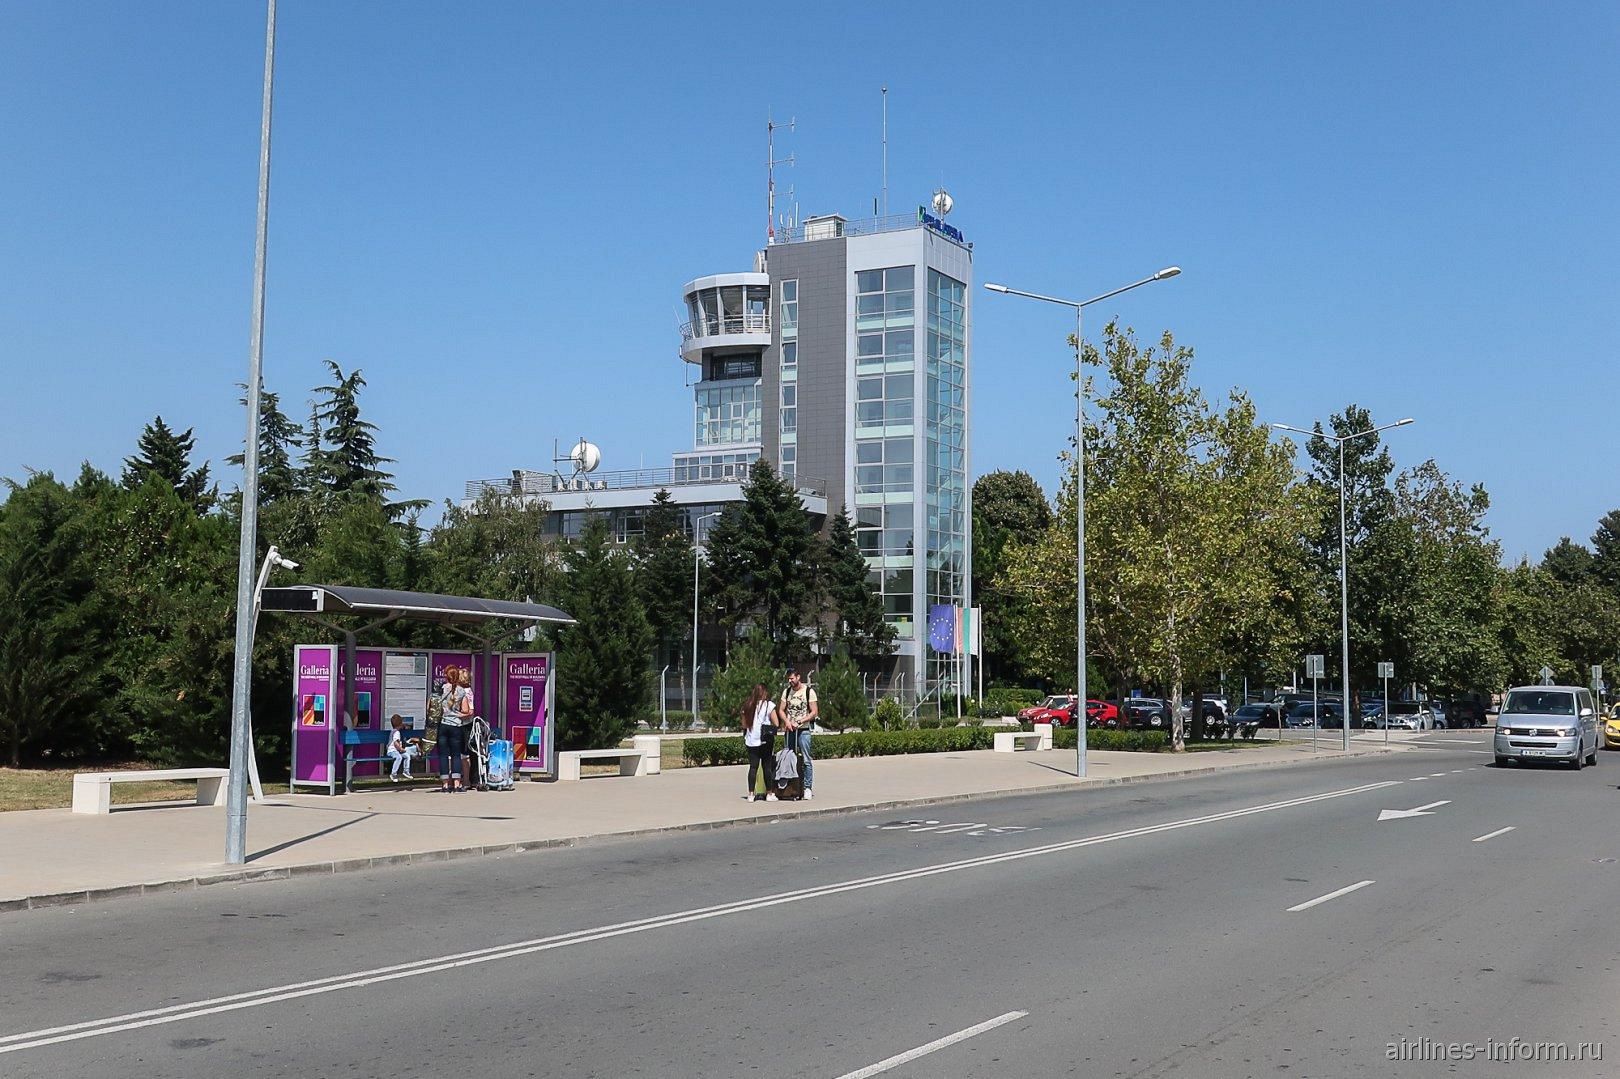 Диспетчерская башня аэропорта Бургас